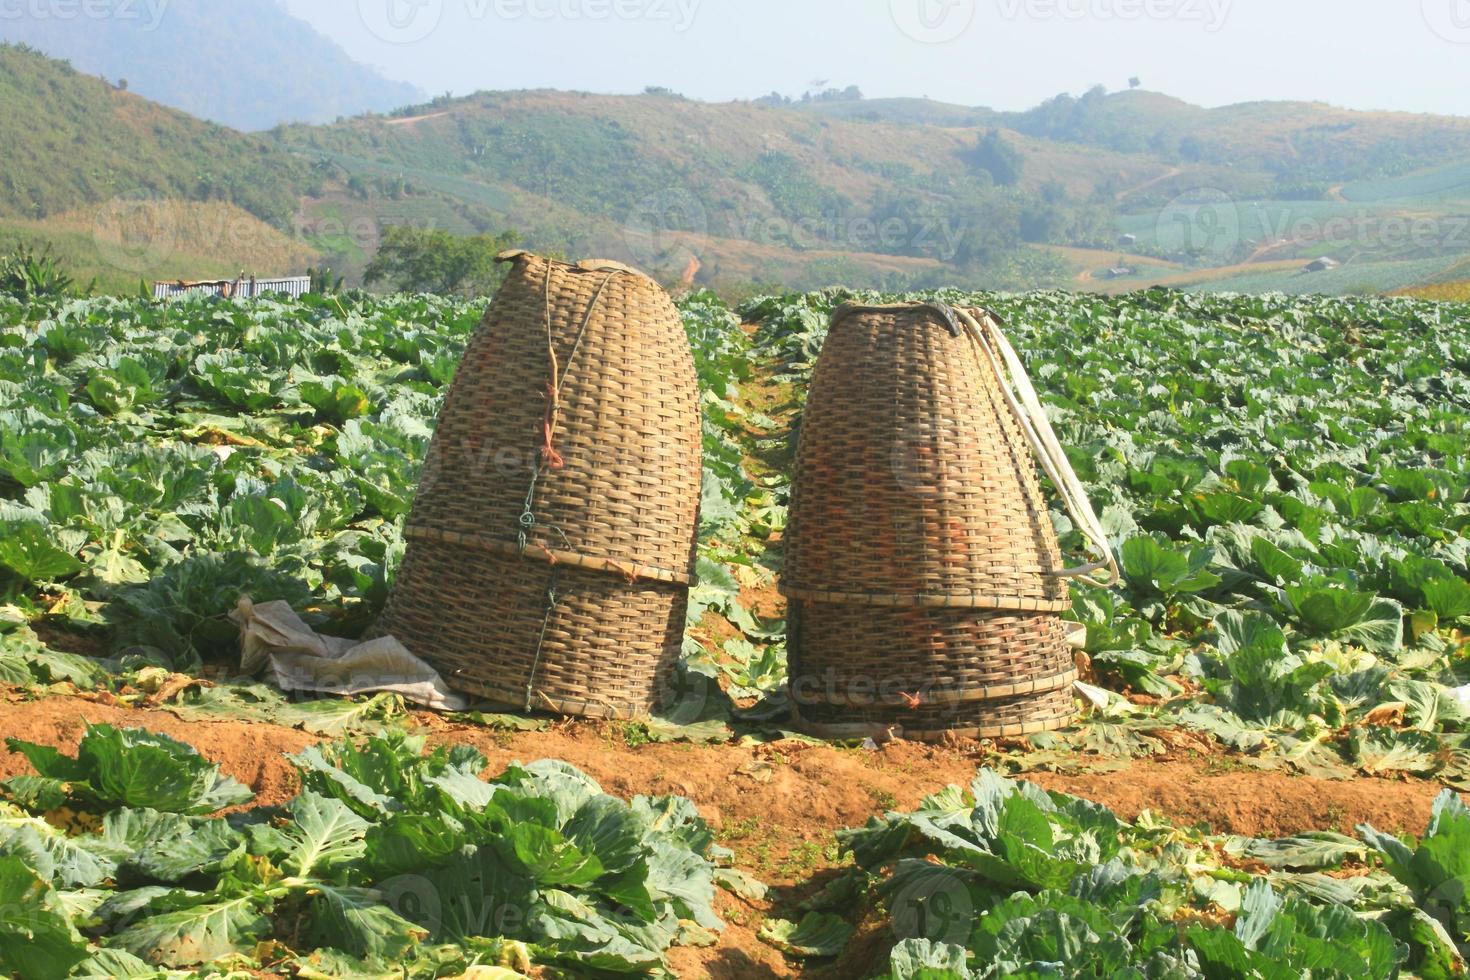 cestas em campos de repolho foto